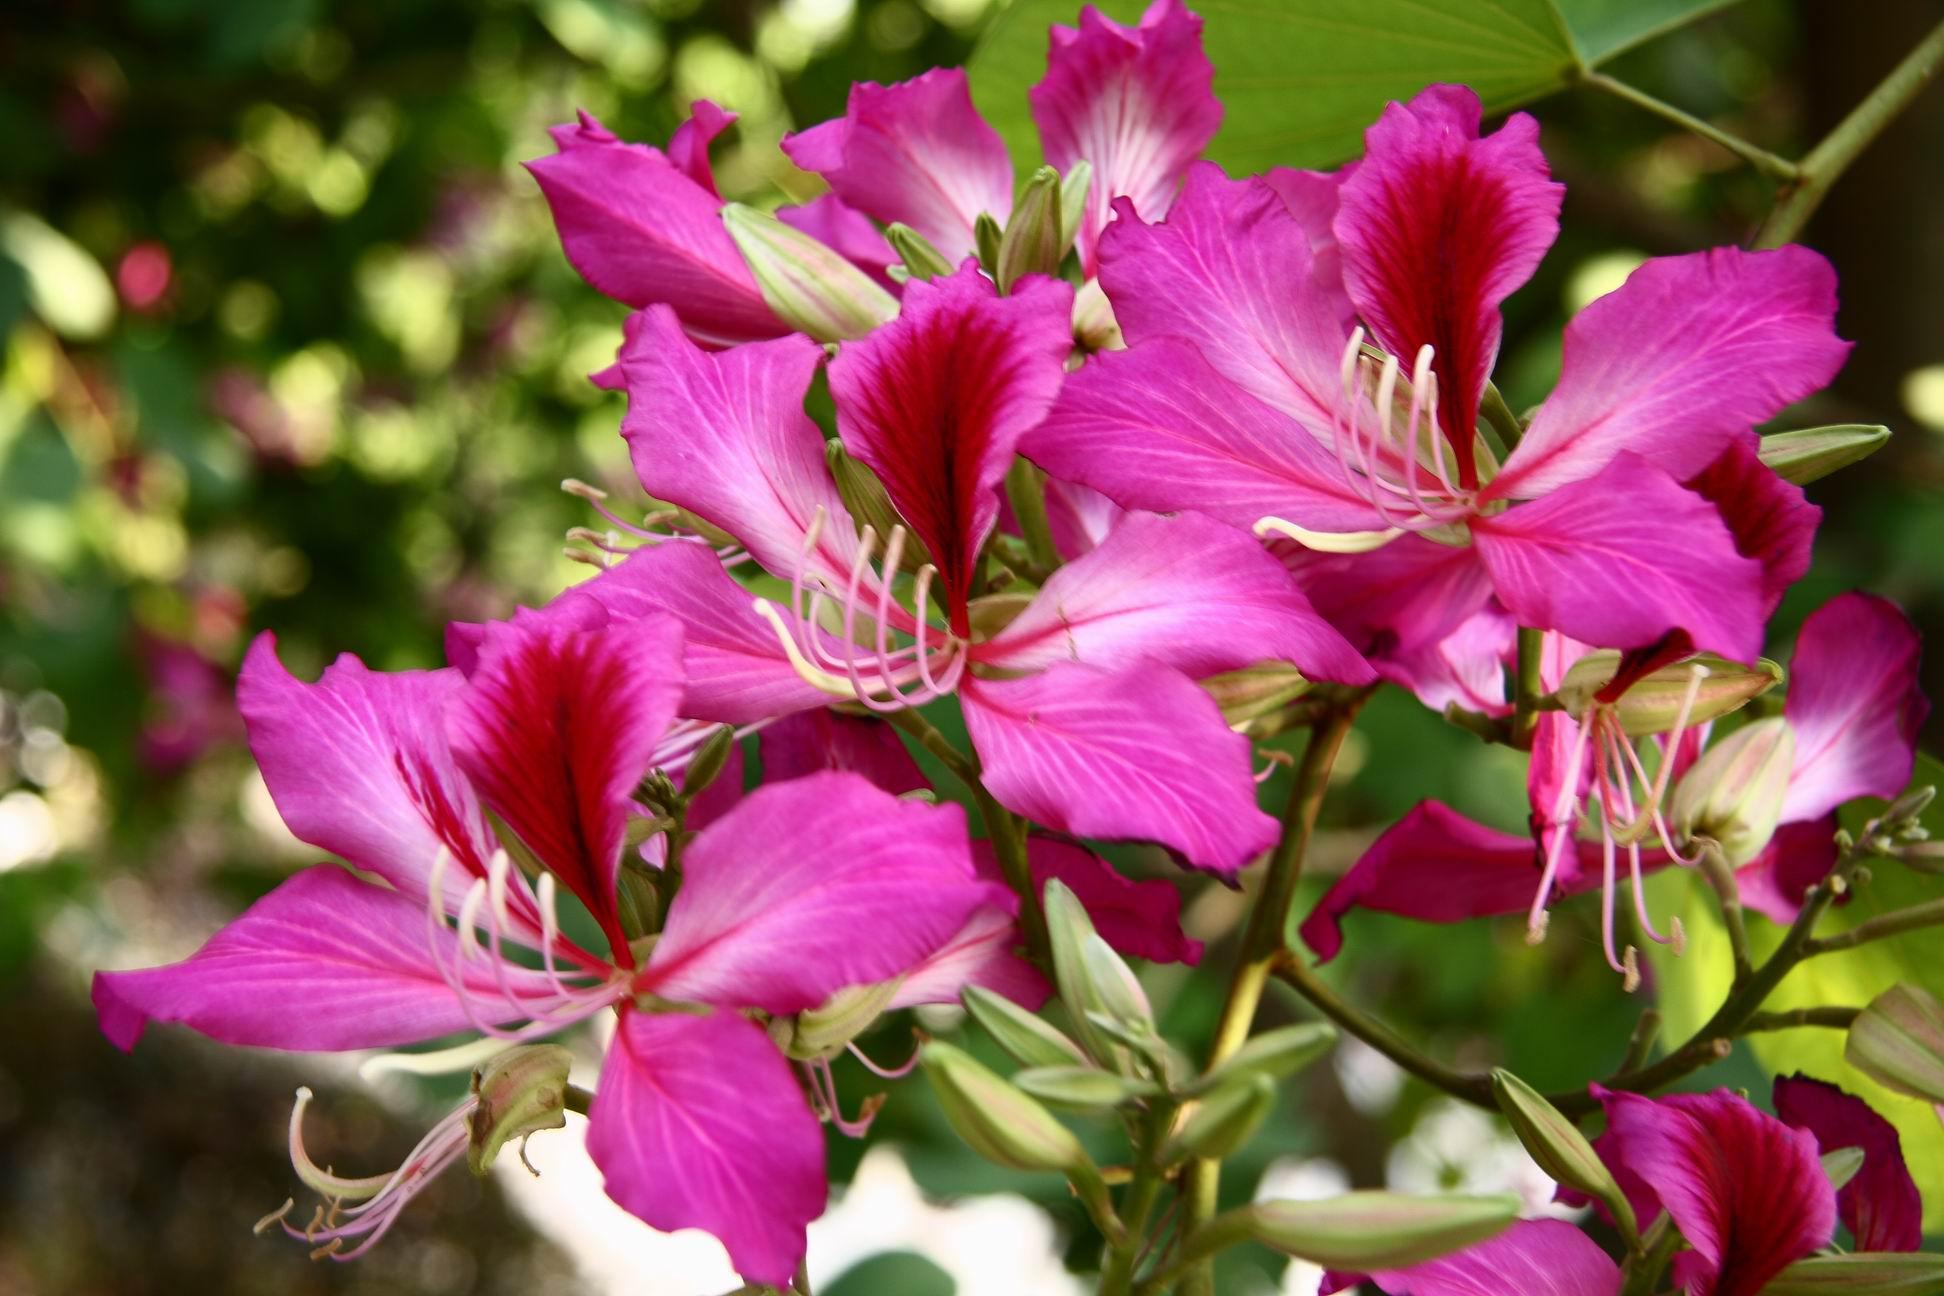 《百花图题诗》之六十  咏紫荆花(原创诗词) - 地平线 - 地平线的博客